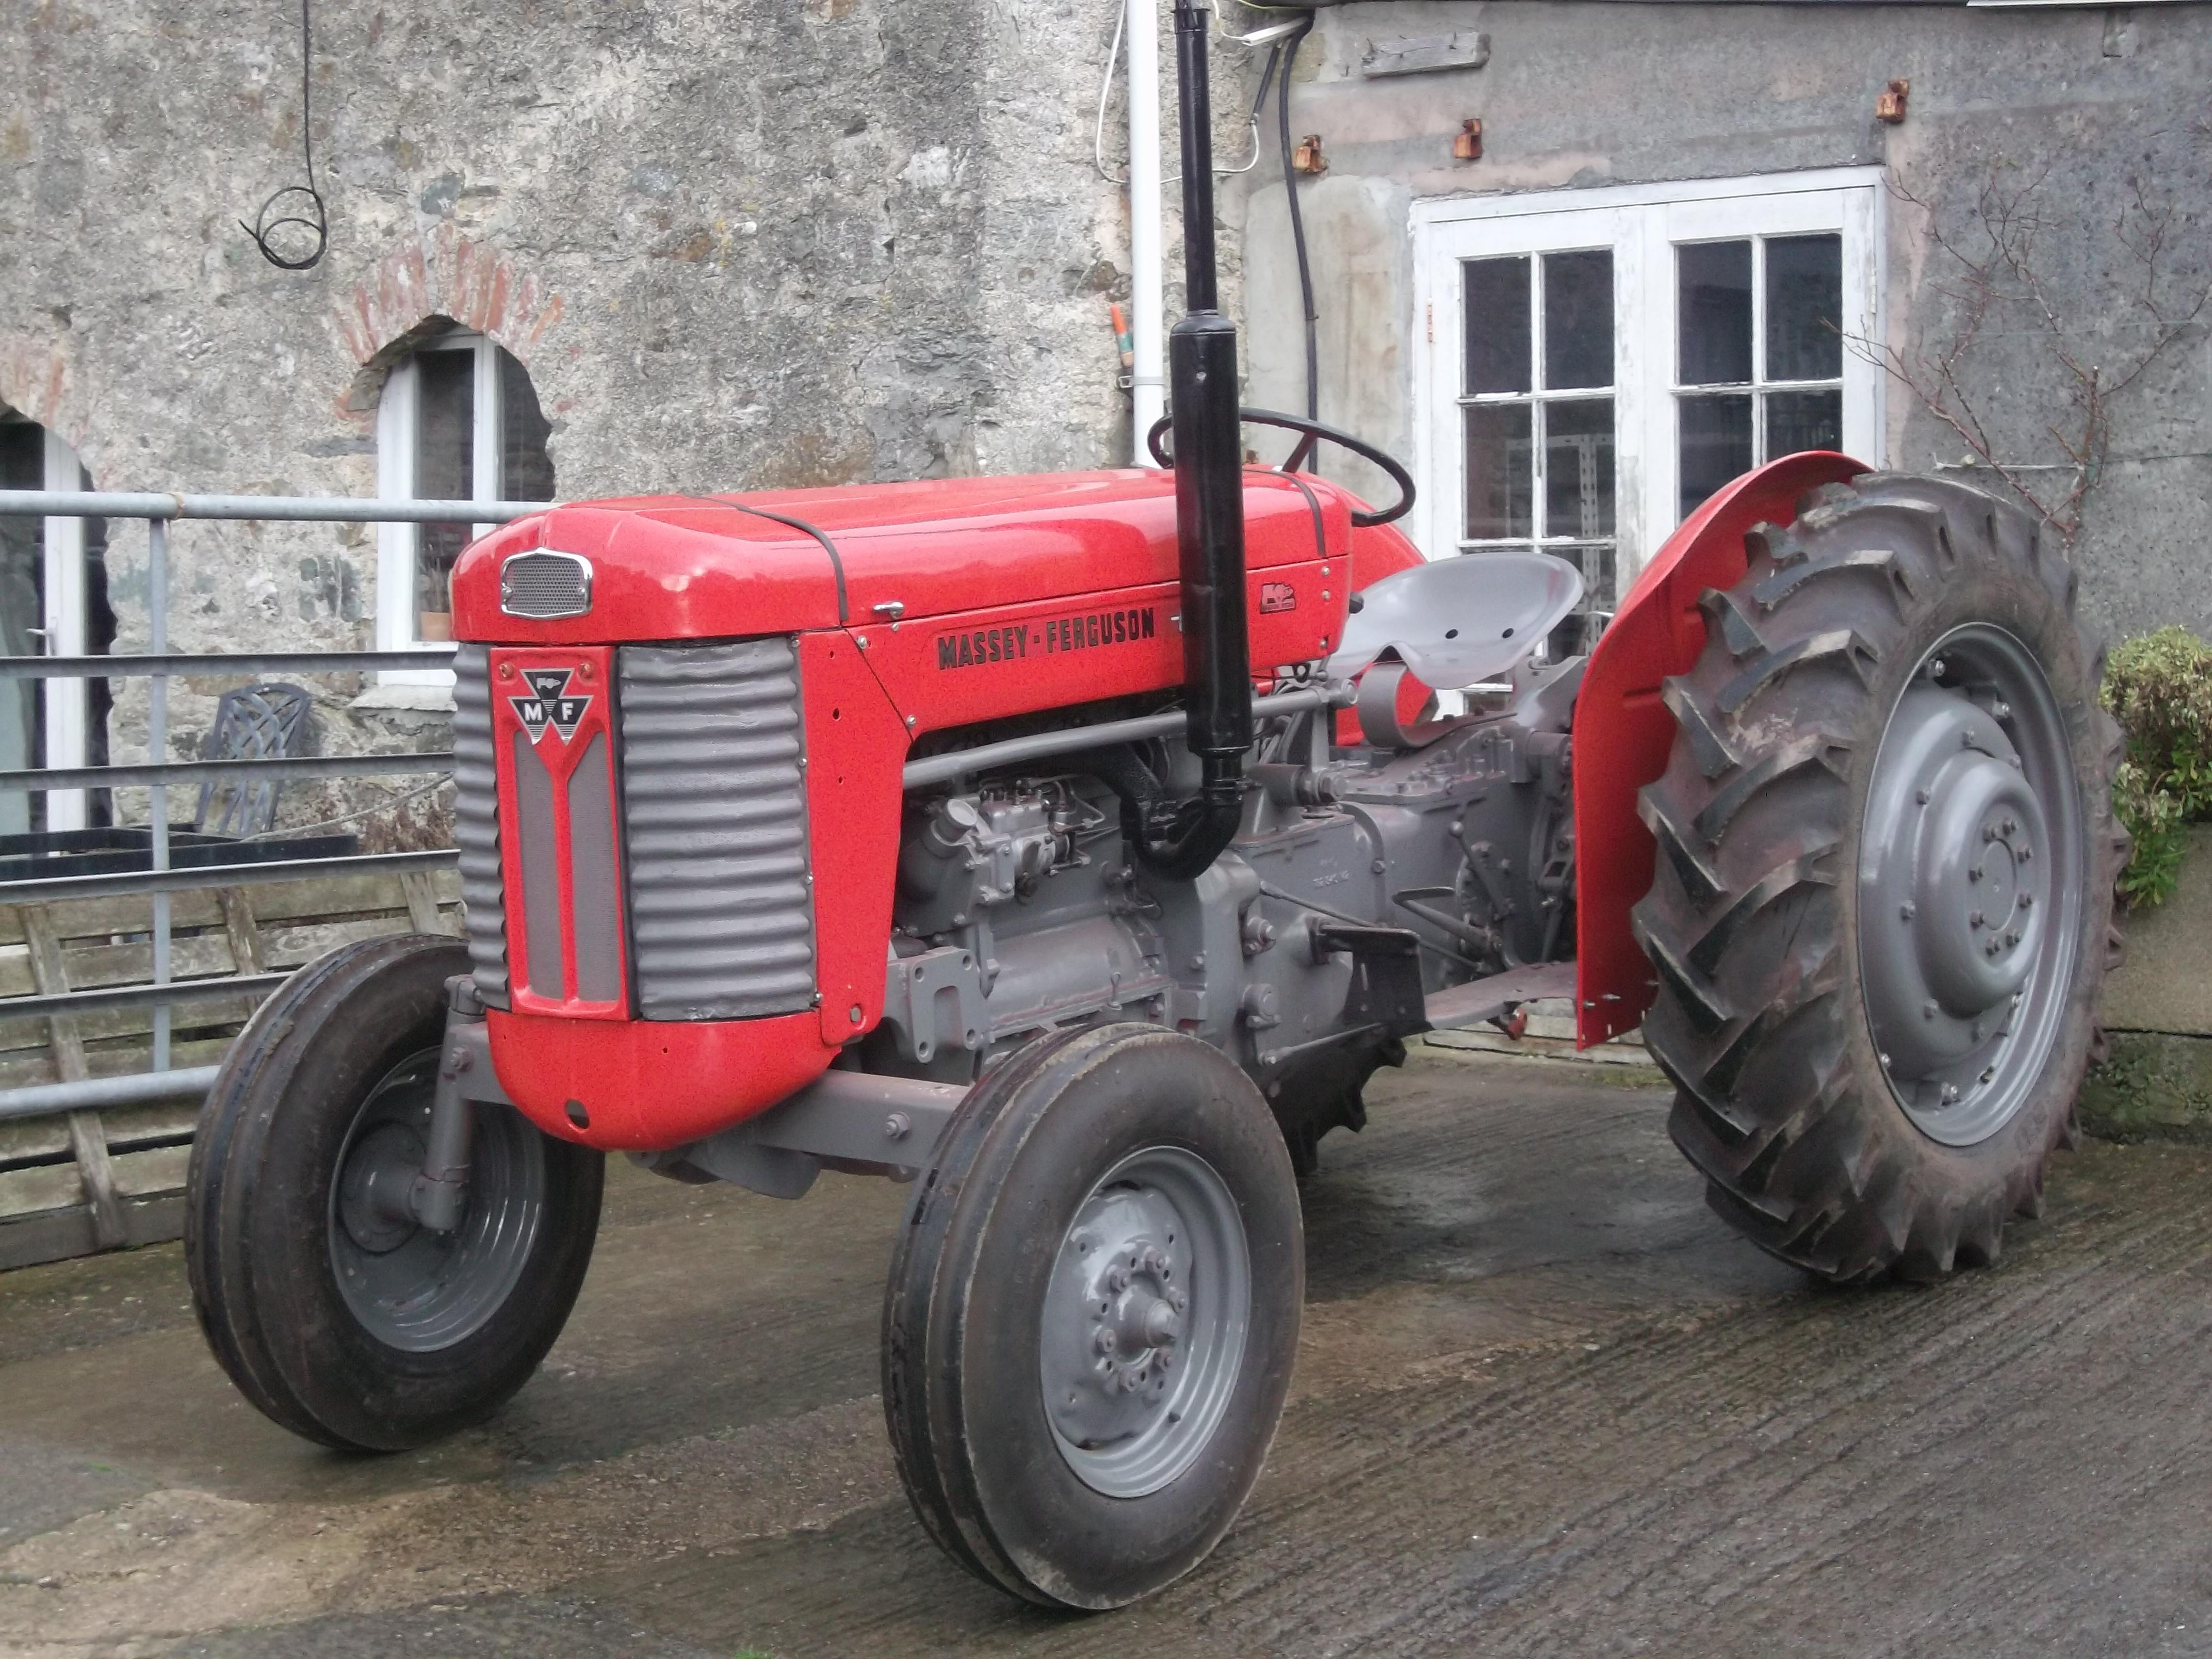 Massey Ferguson 65 Injection Pump : Massey ferguson mk i foale vintage tractors